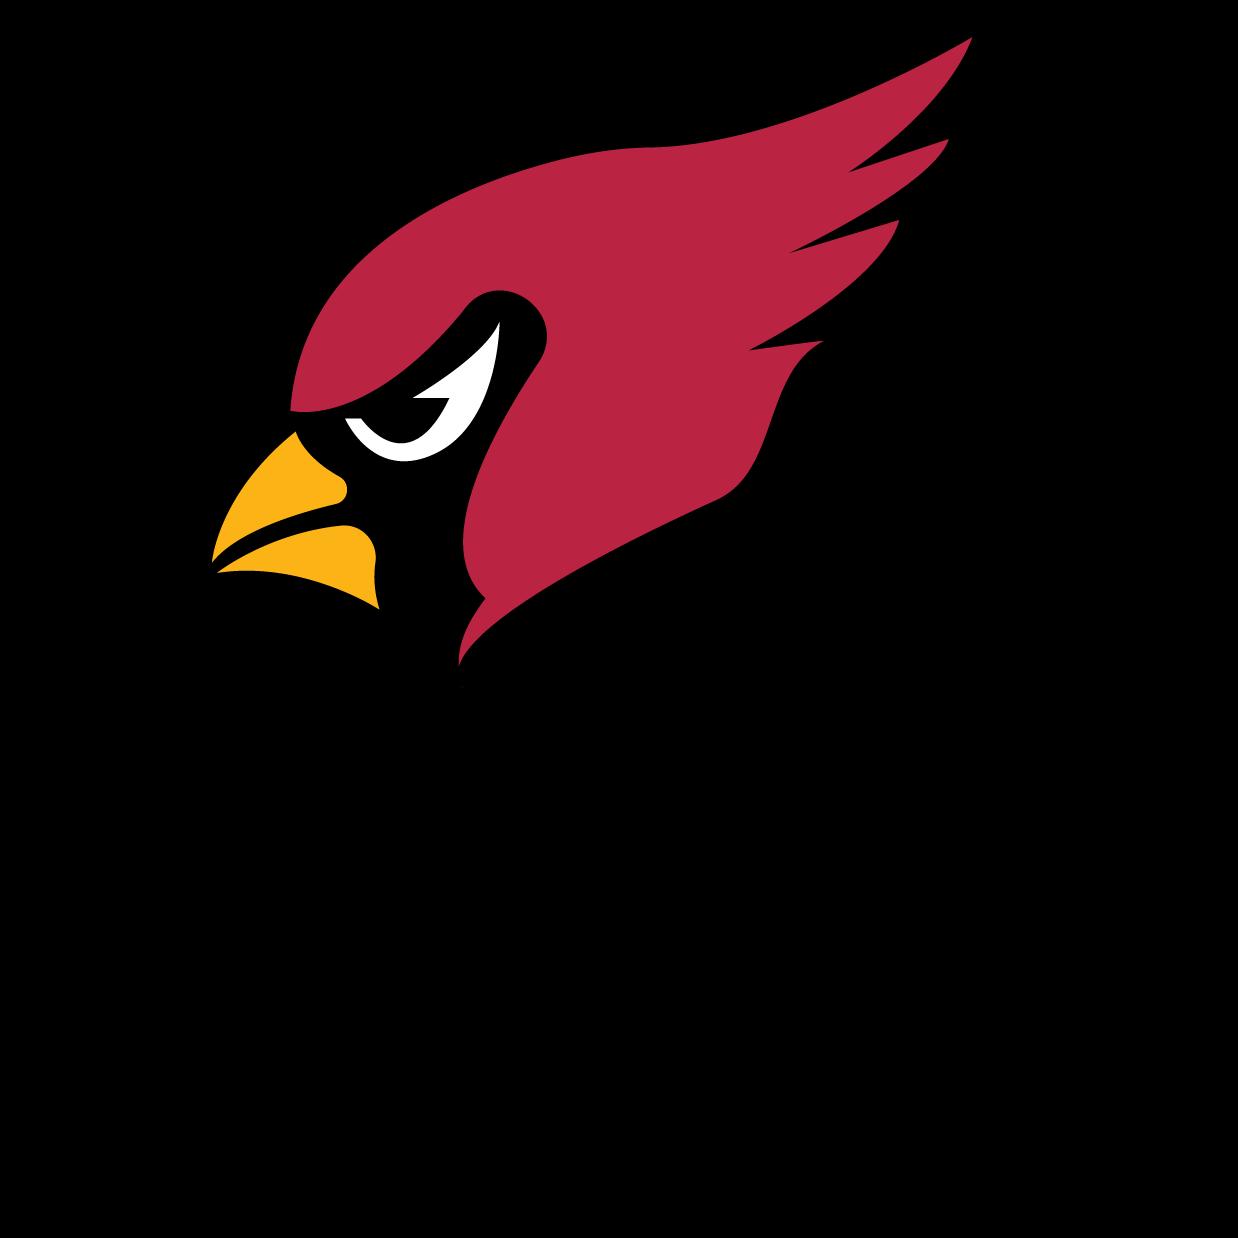 Cardinal Logistics, Inc